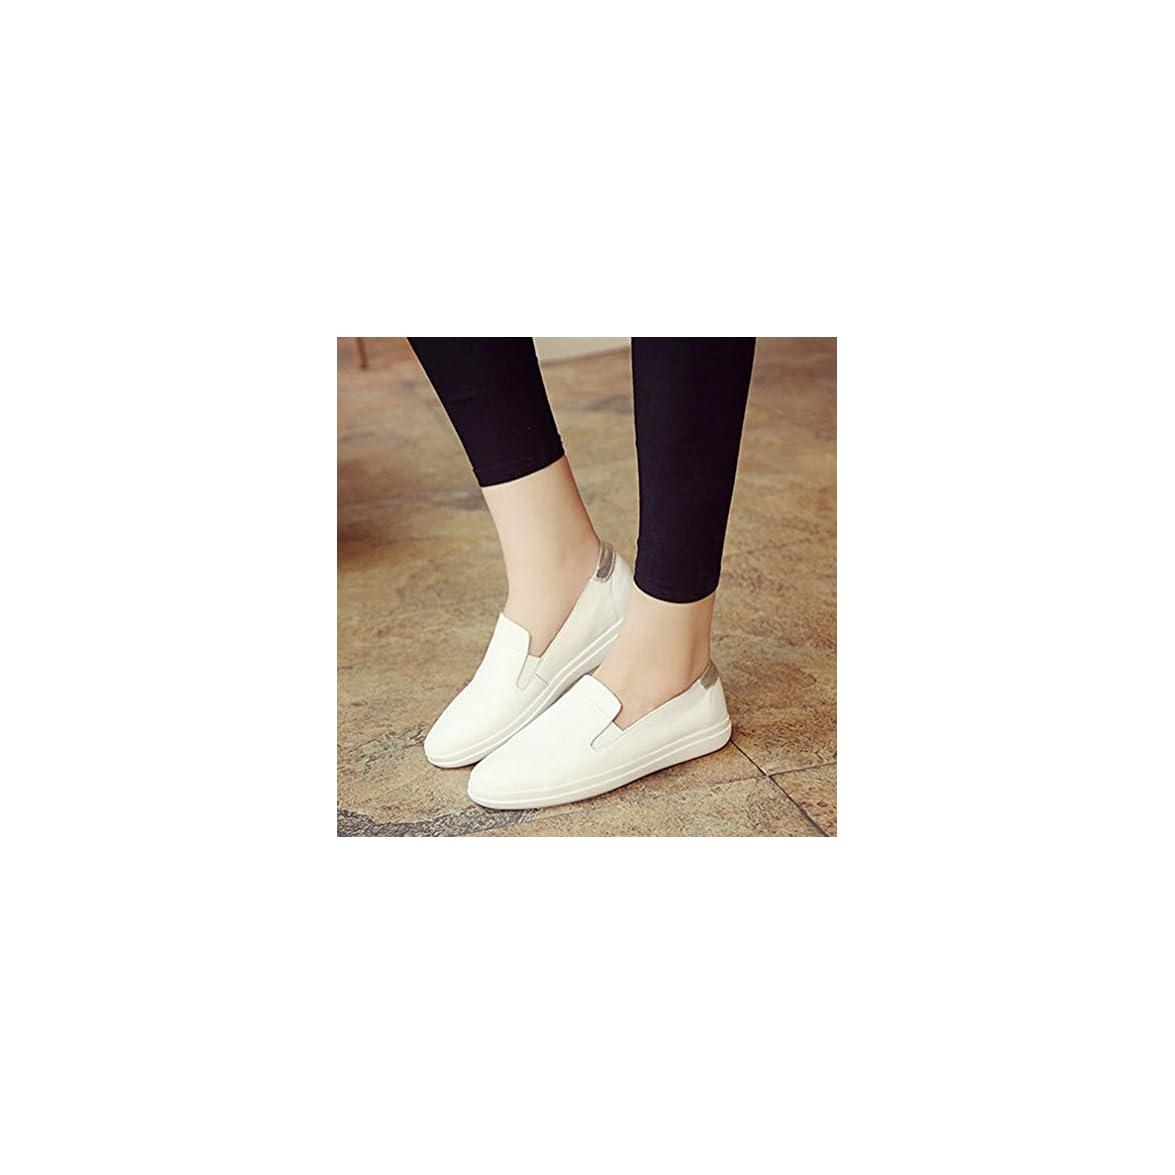 Slip-on Morbide Pelle white Basse Di Scarpe Tonda Mocassini Sneakers 38 Maternità In E Donna Yan Da Testa A Casual